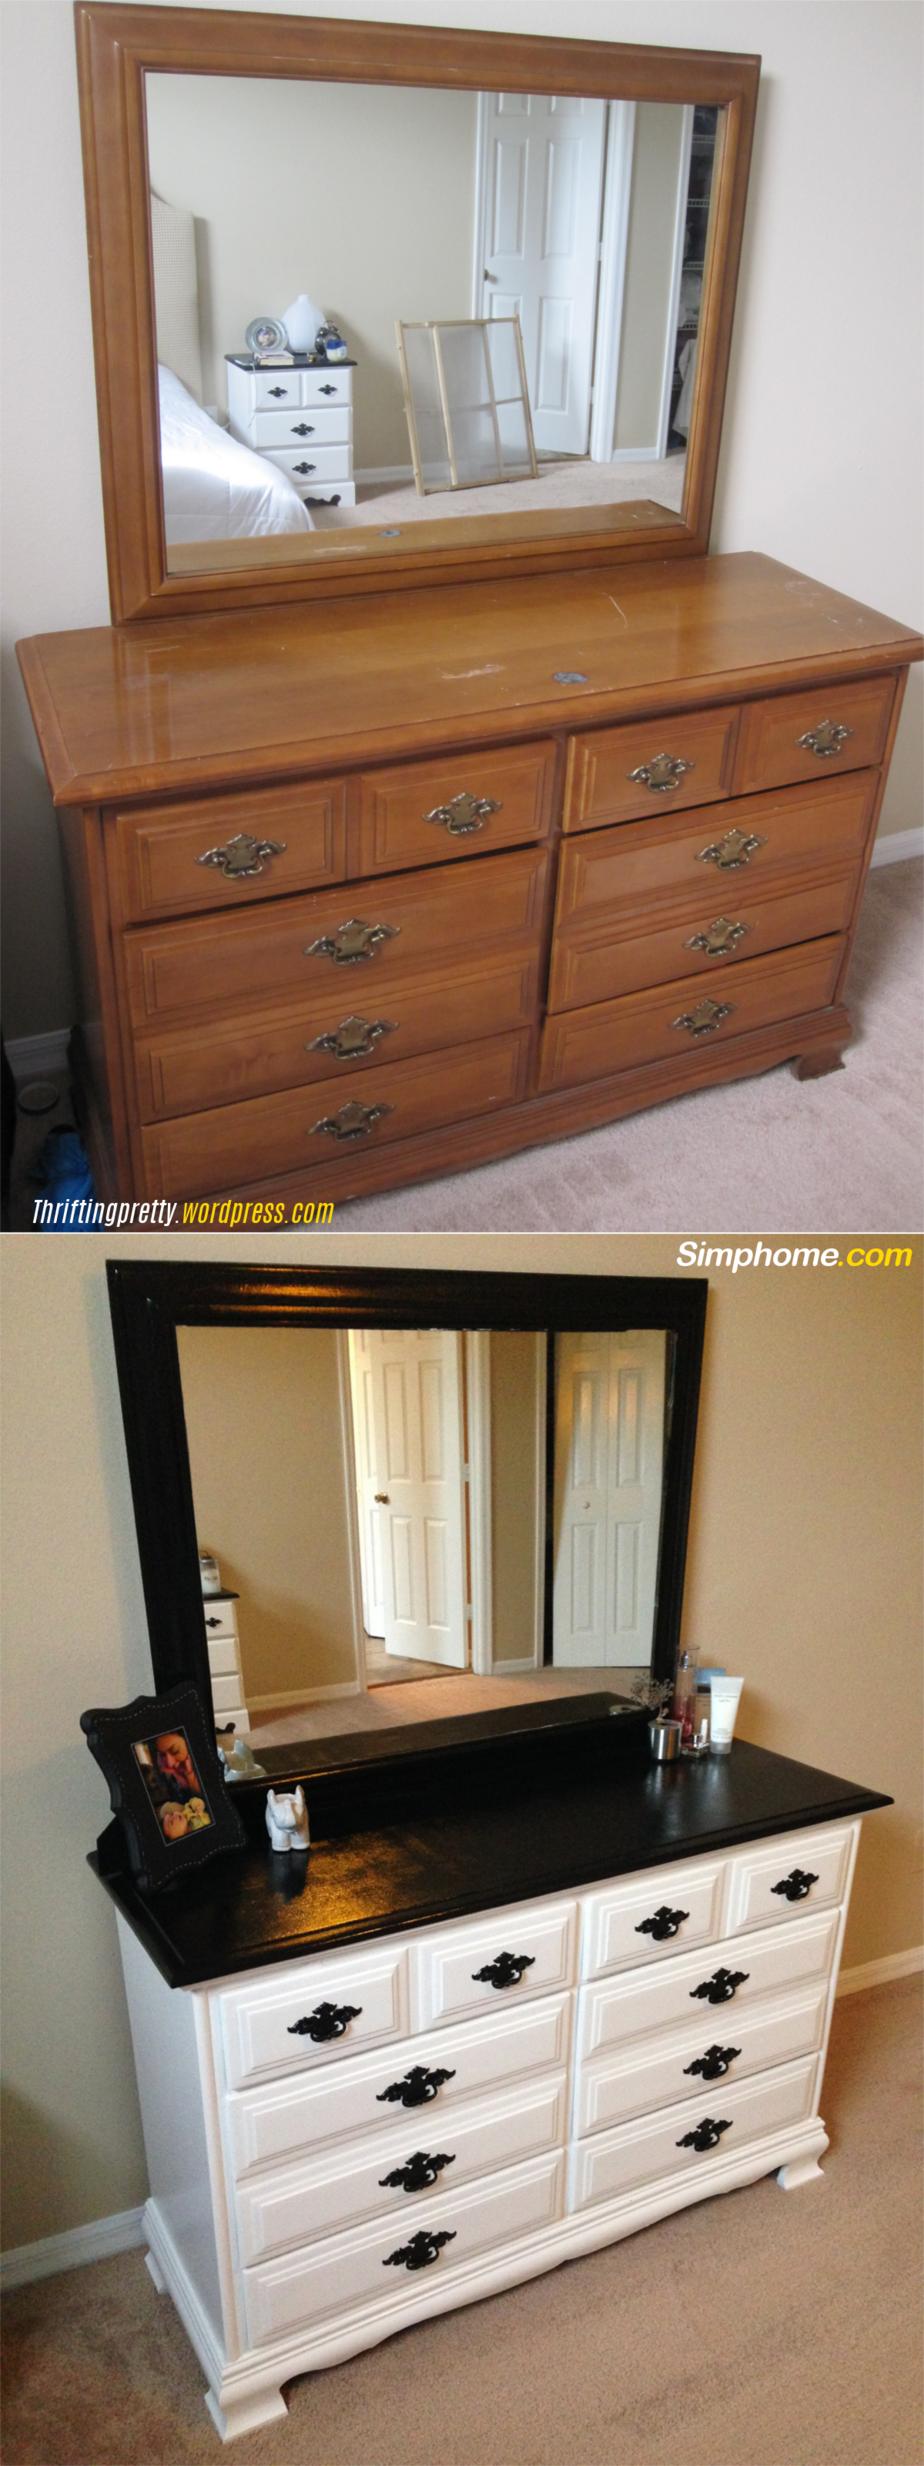 9.Redo Bedroom Furniture via Simphome.com